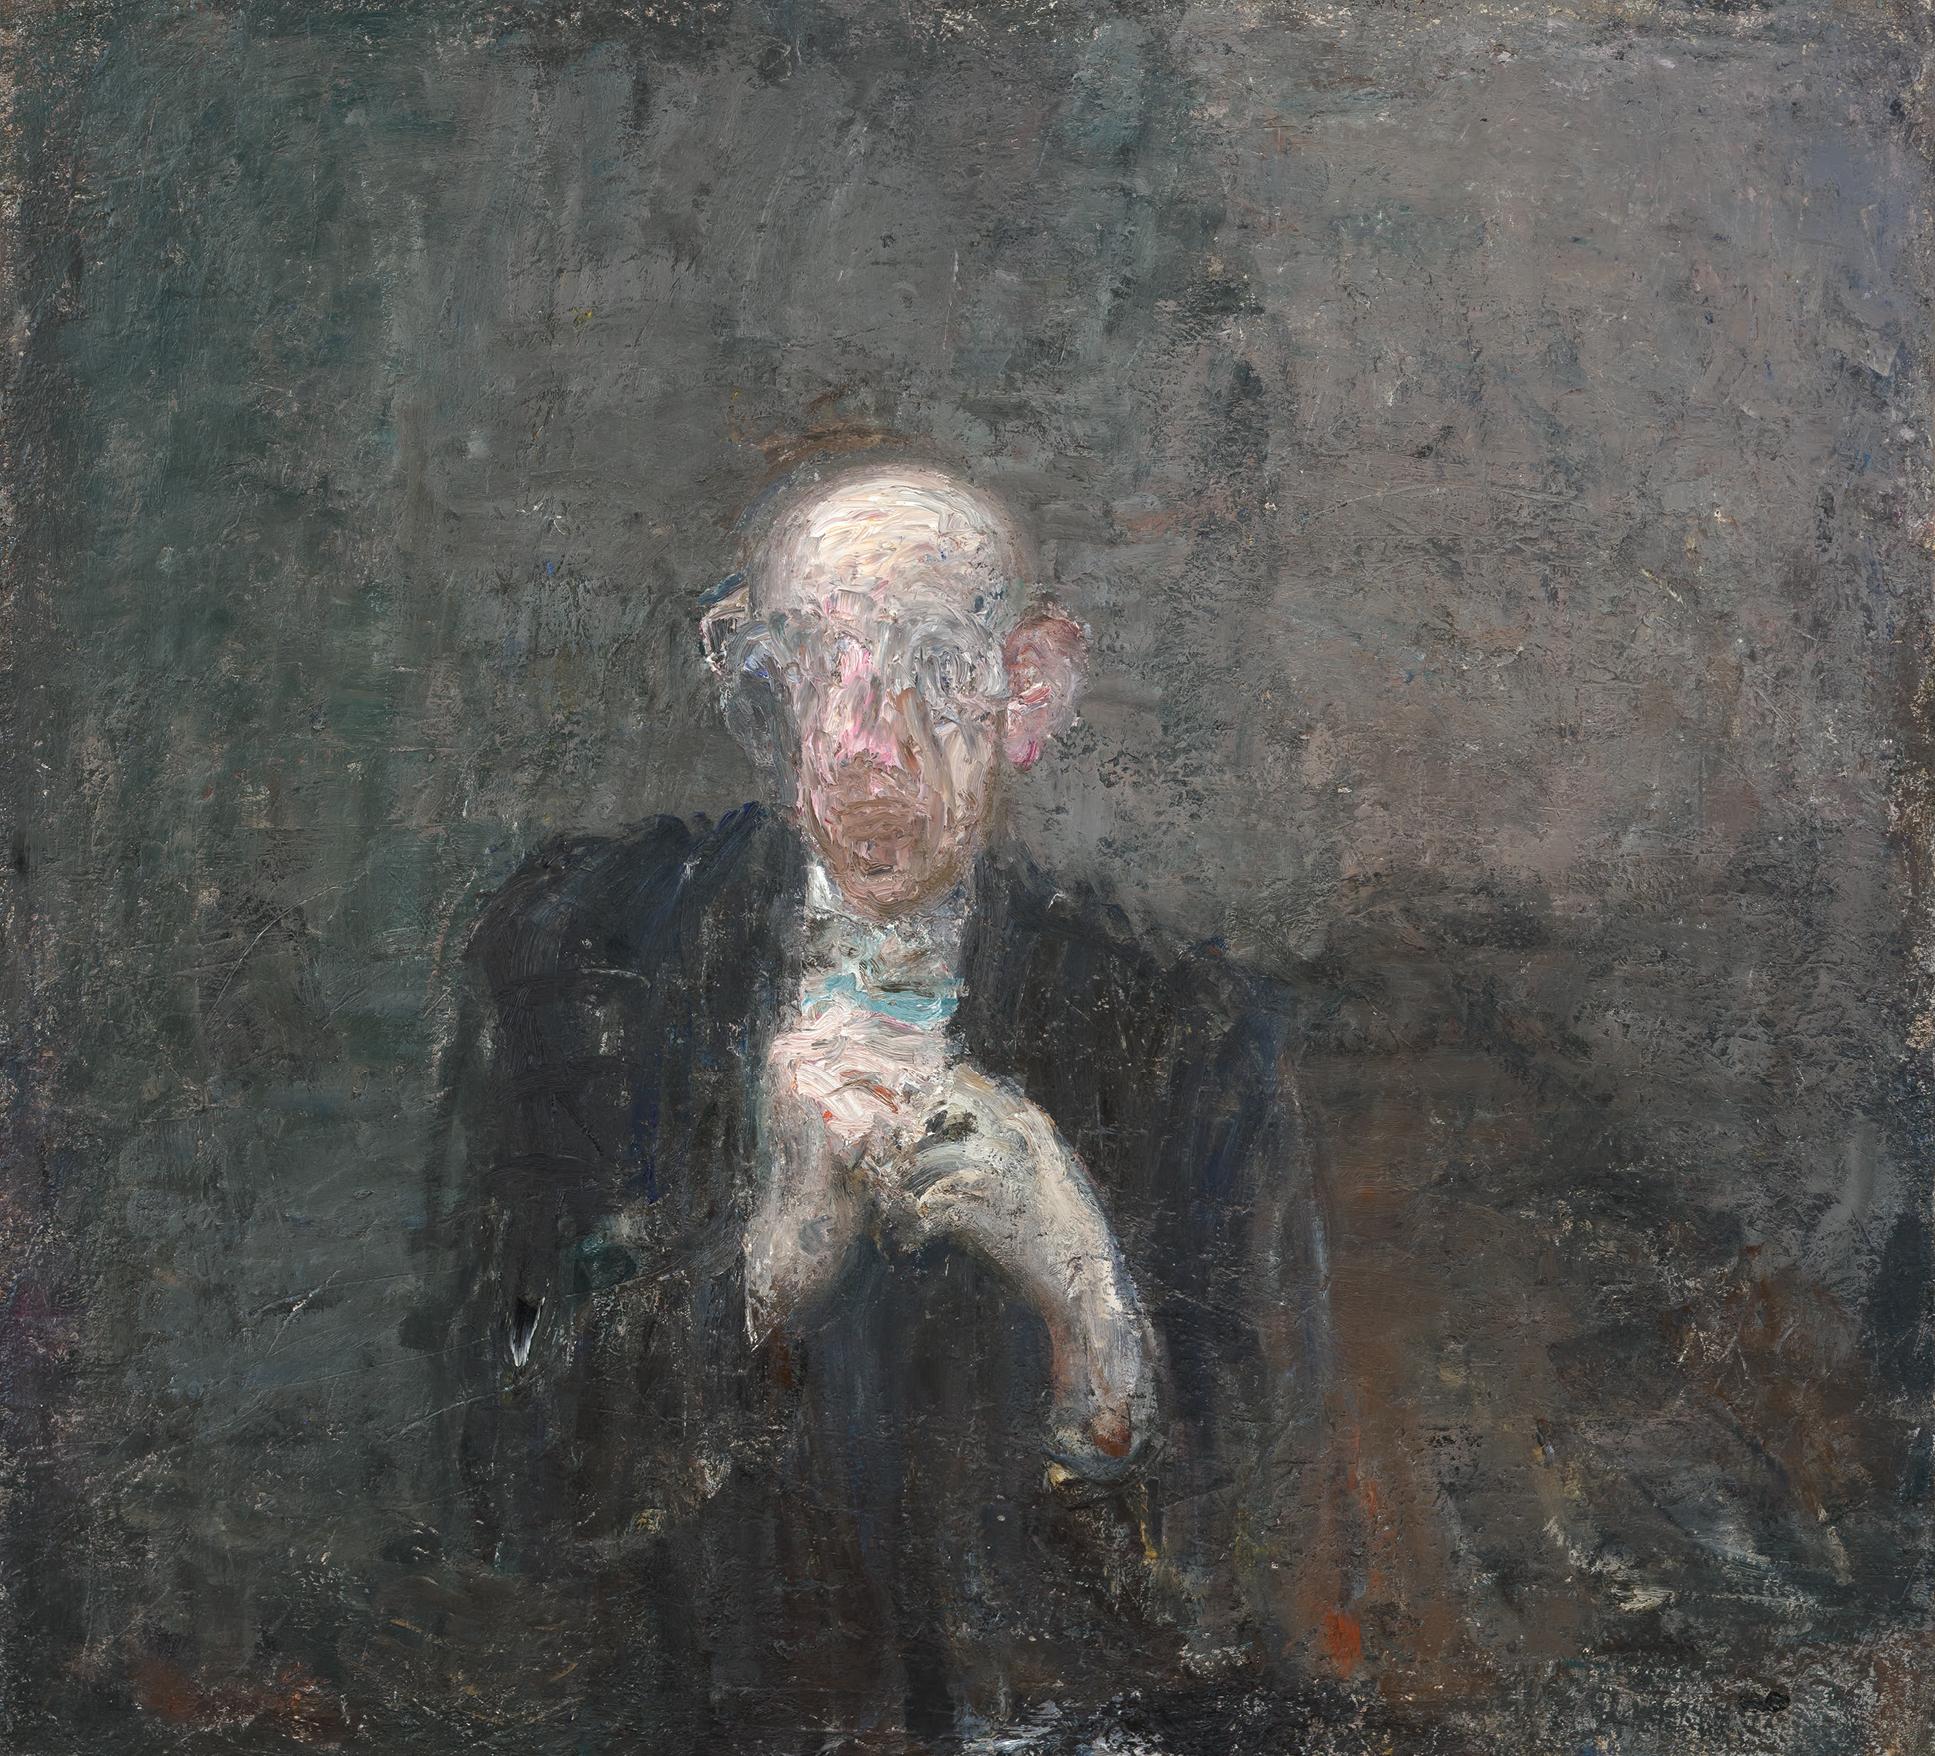 Igor Stravinsky   2007 drobė, aliejus | oil on canvas 96,5x104 cm